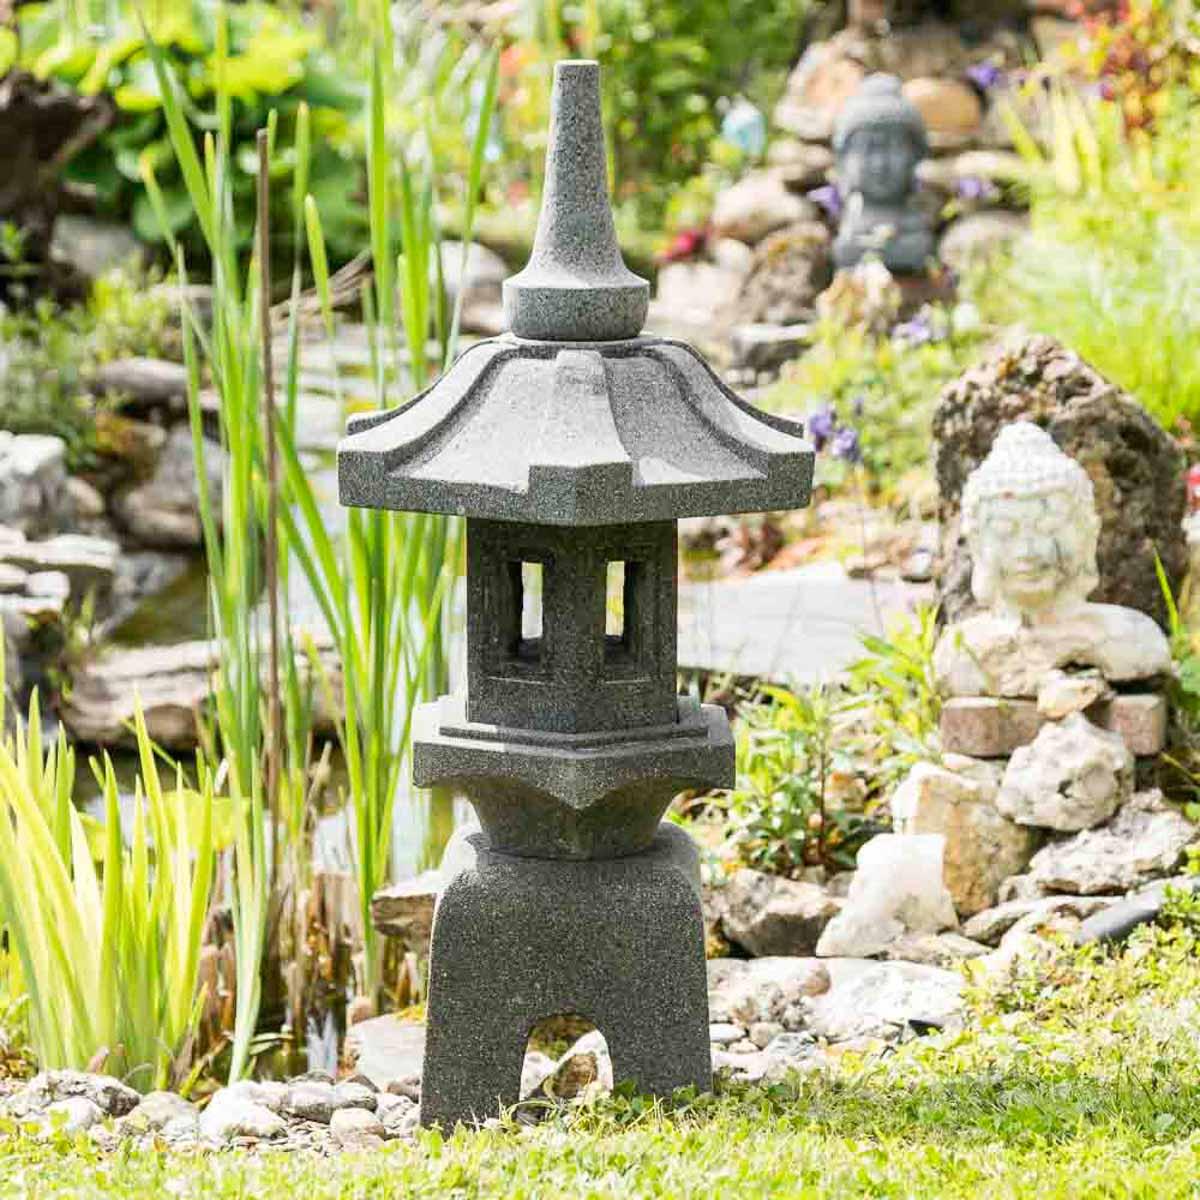 Wanda Collection Lanterne japonaise pagode zen en pierre de lave 80 cm